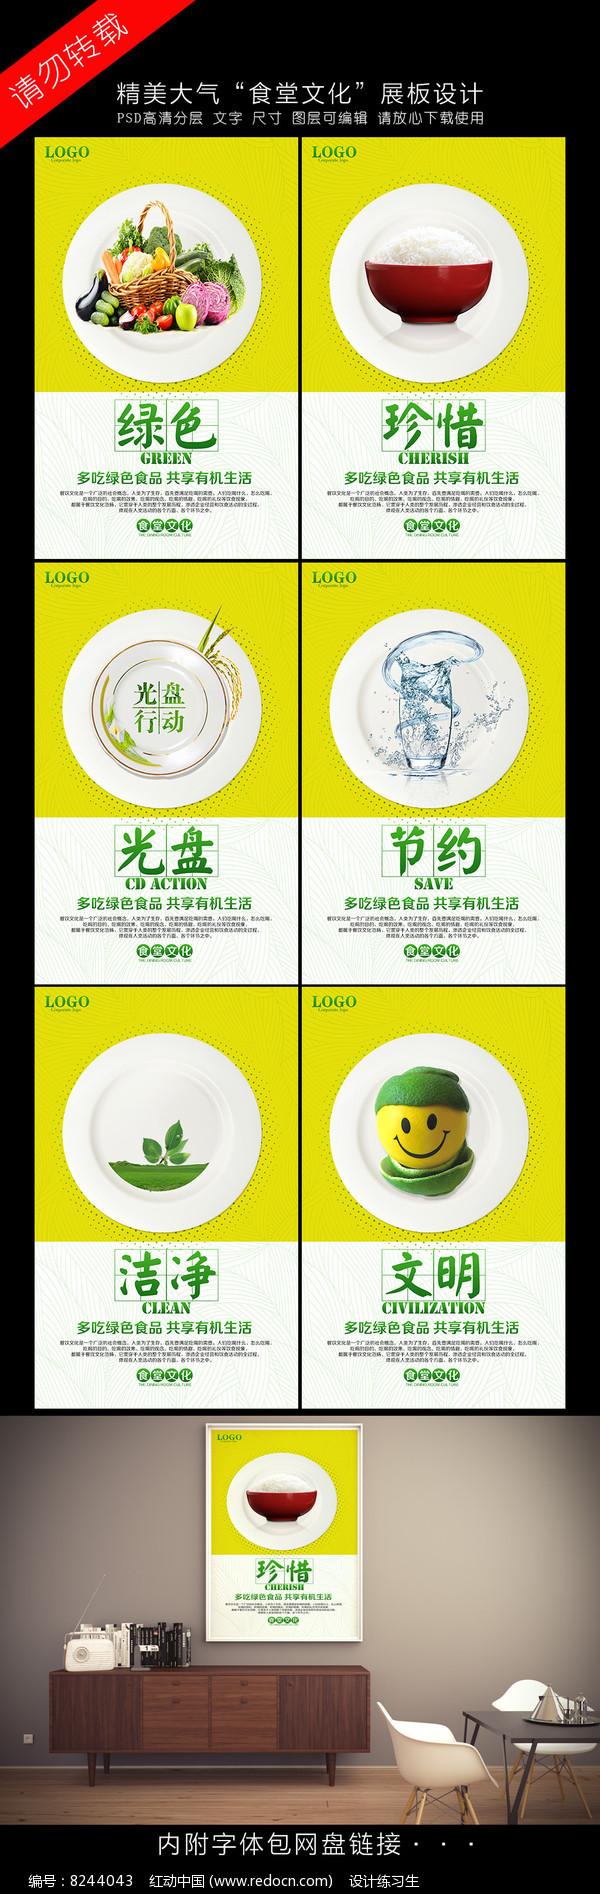 食堂文化宣传展板图片